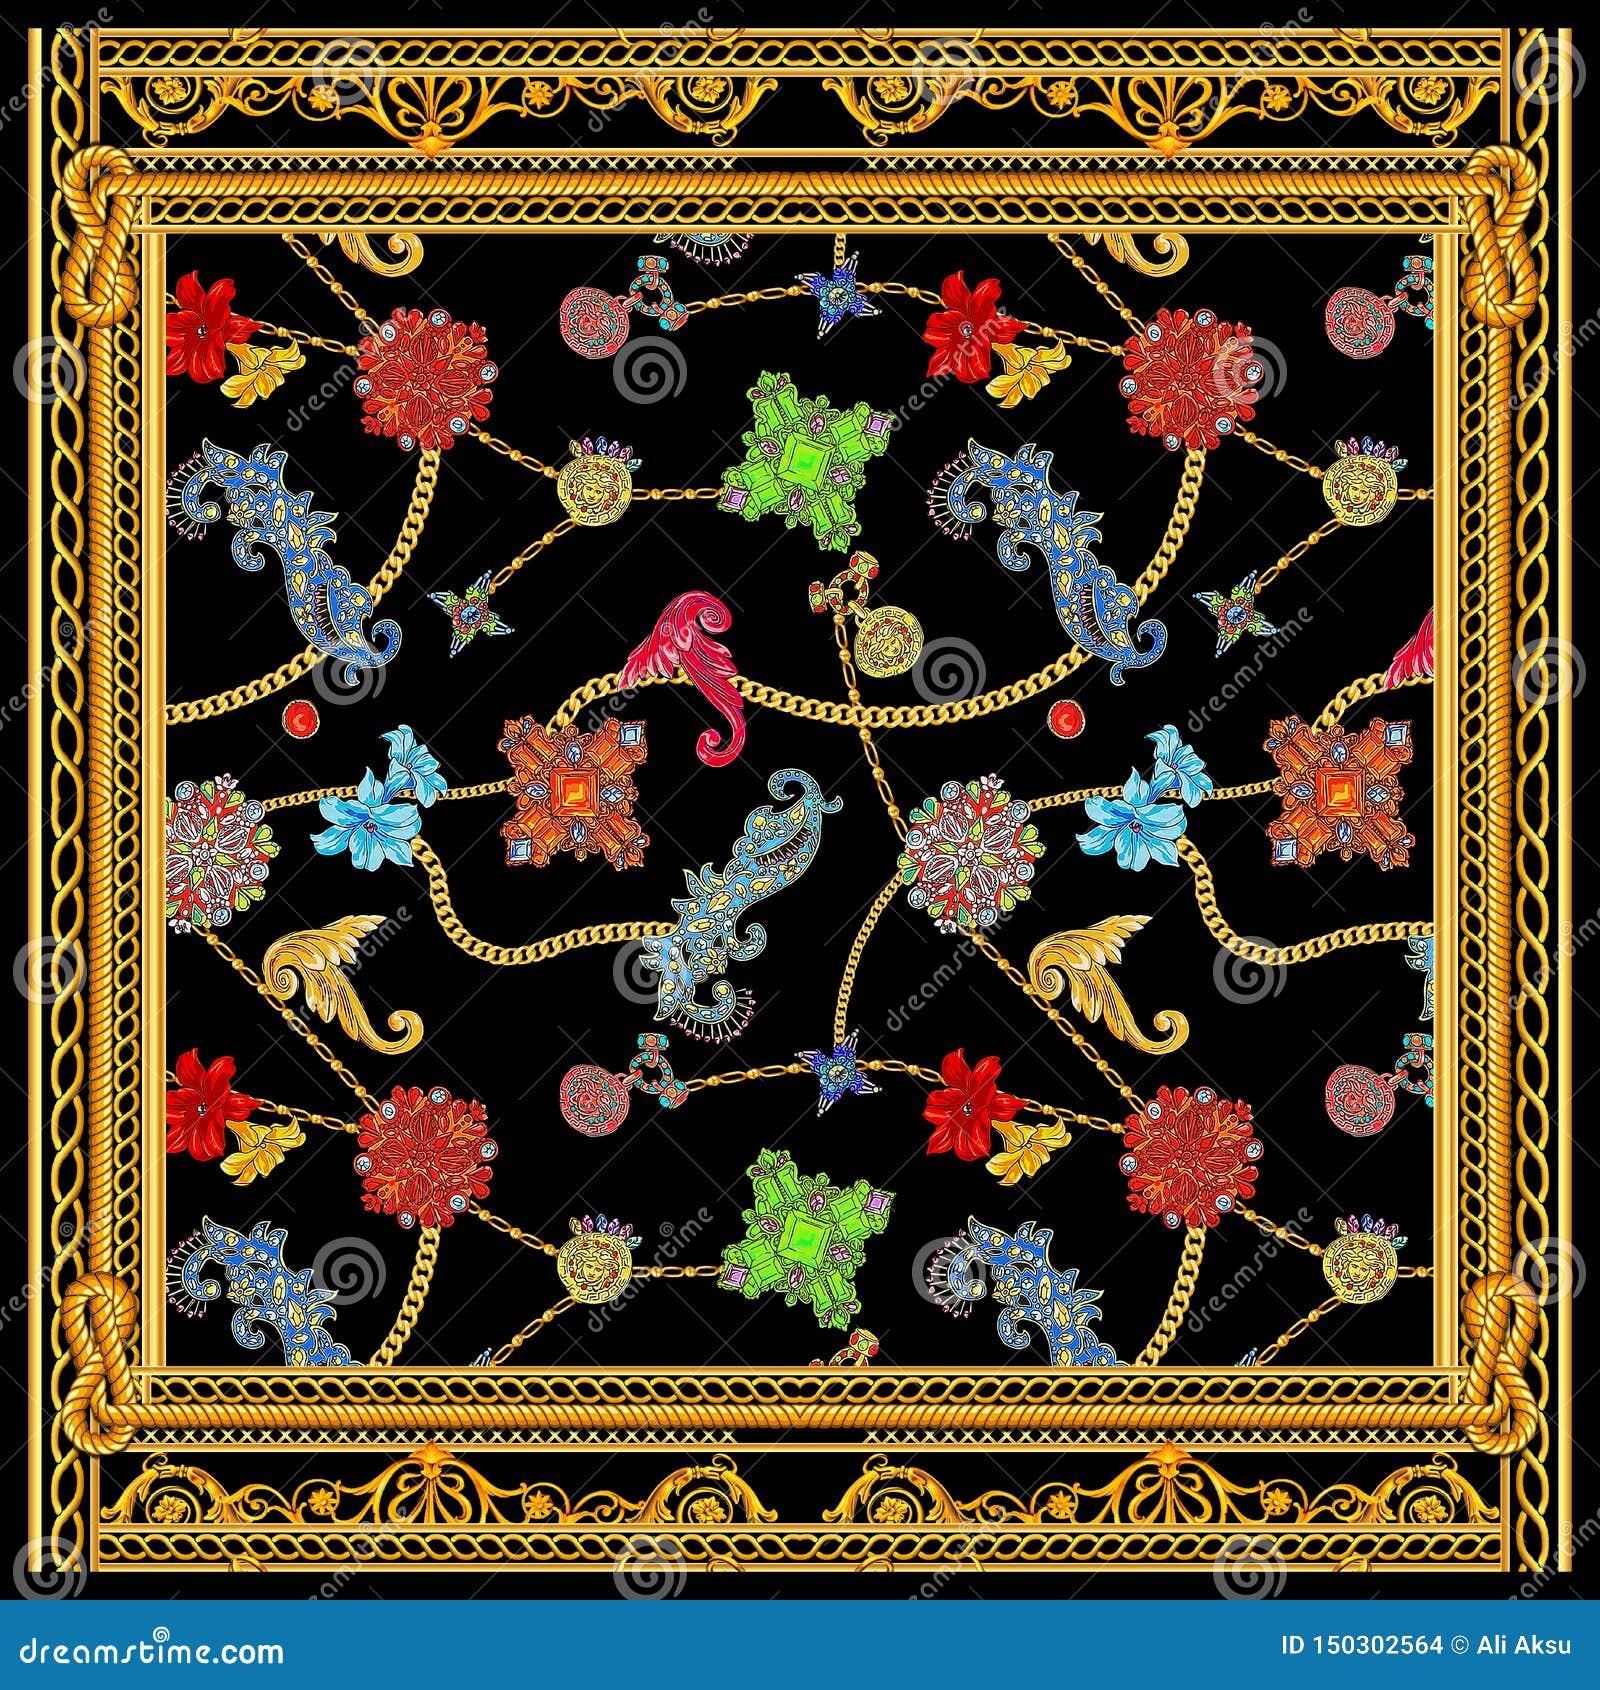 Μπαρόκ χρυσό σχέδιο μαντίλι αλυσίδων versace